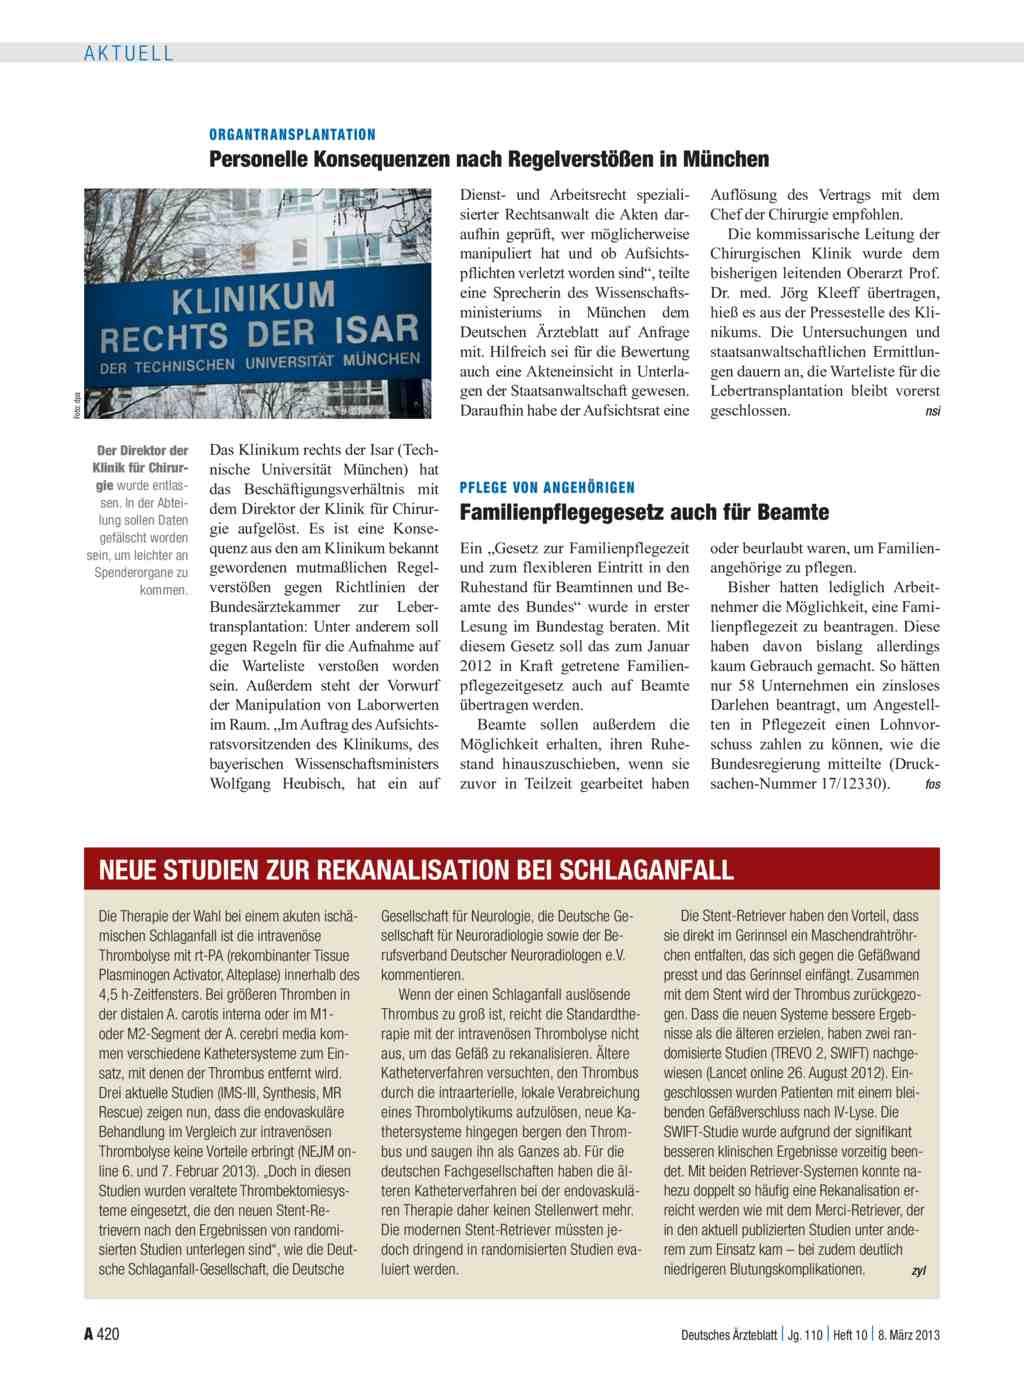 Neue Studien Zur Rekanalisation Bei Schlaganfall